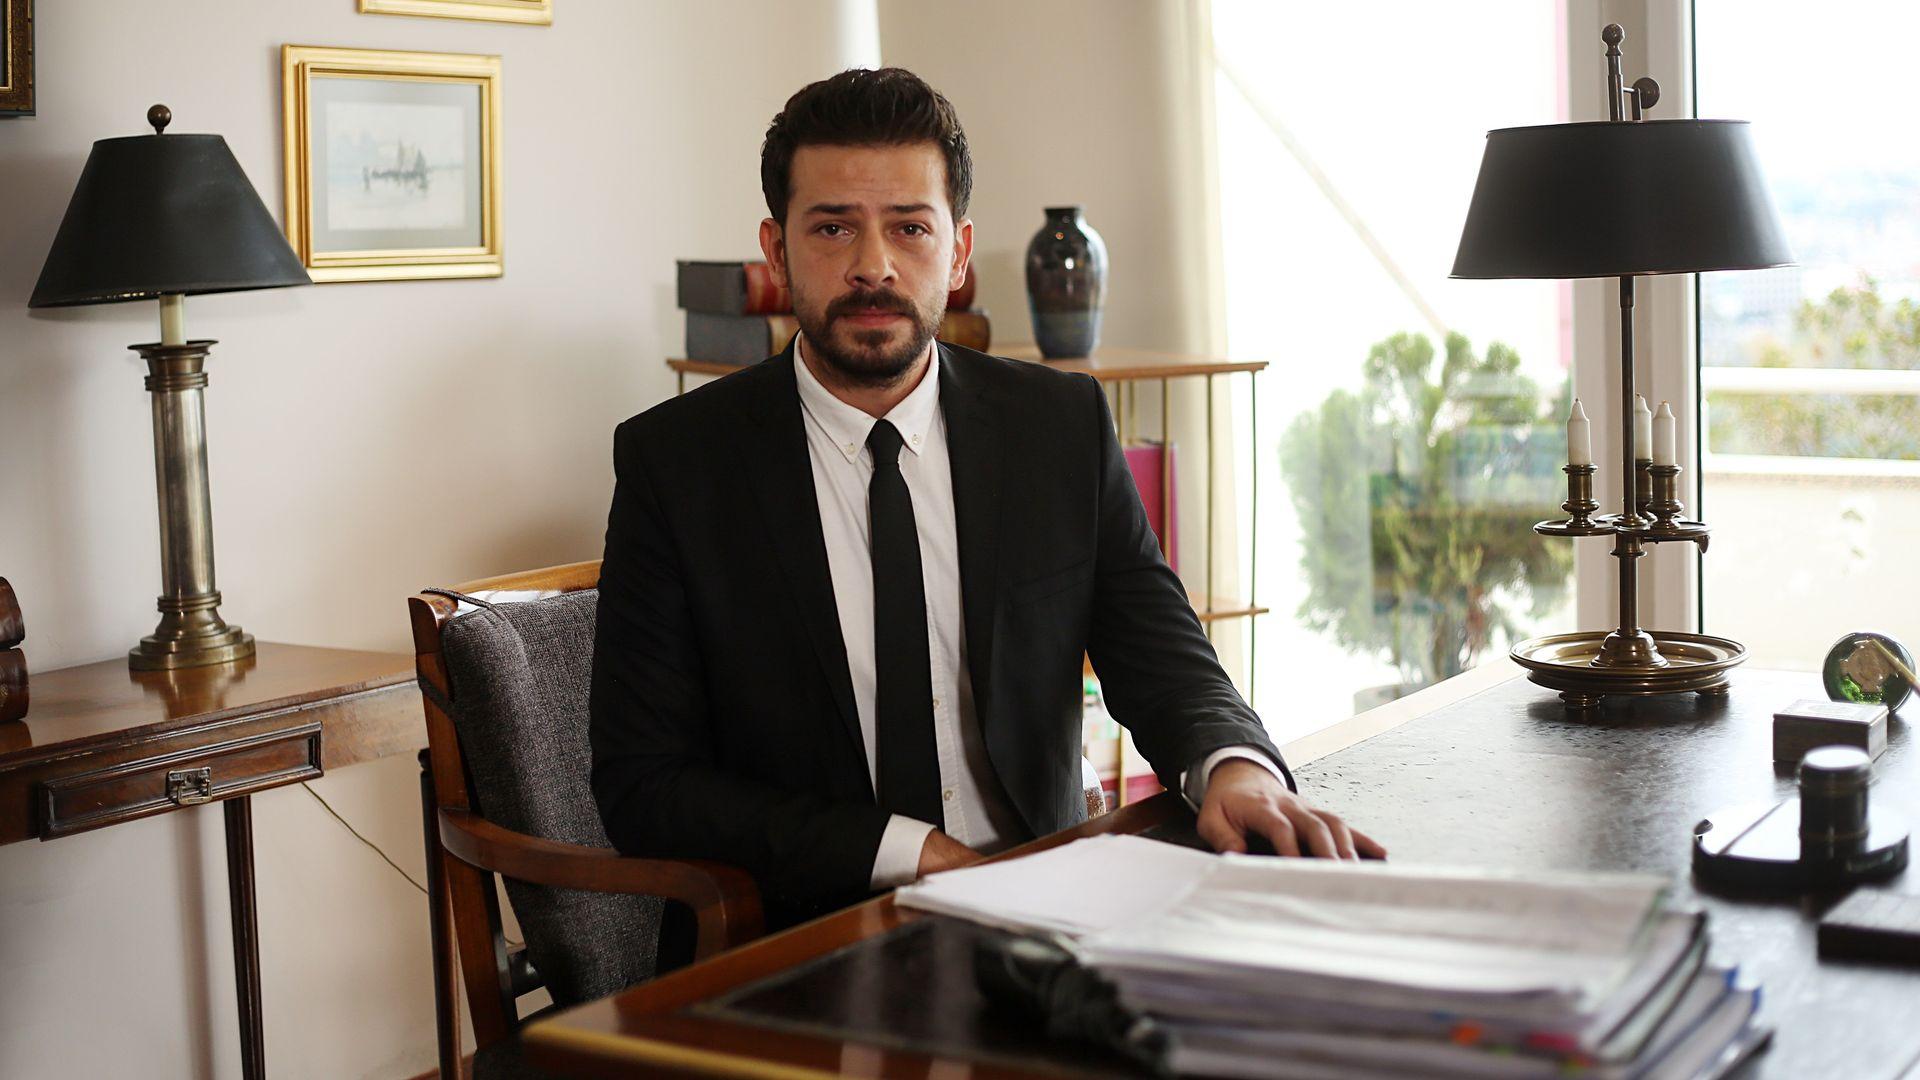 Avukat Nazım, Vartolu ile Selim arasındaki anlaşmanın seyrini değiştirecek!